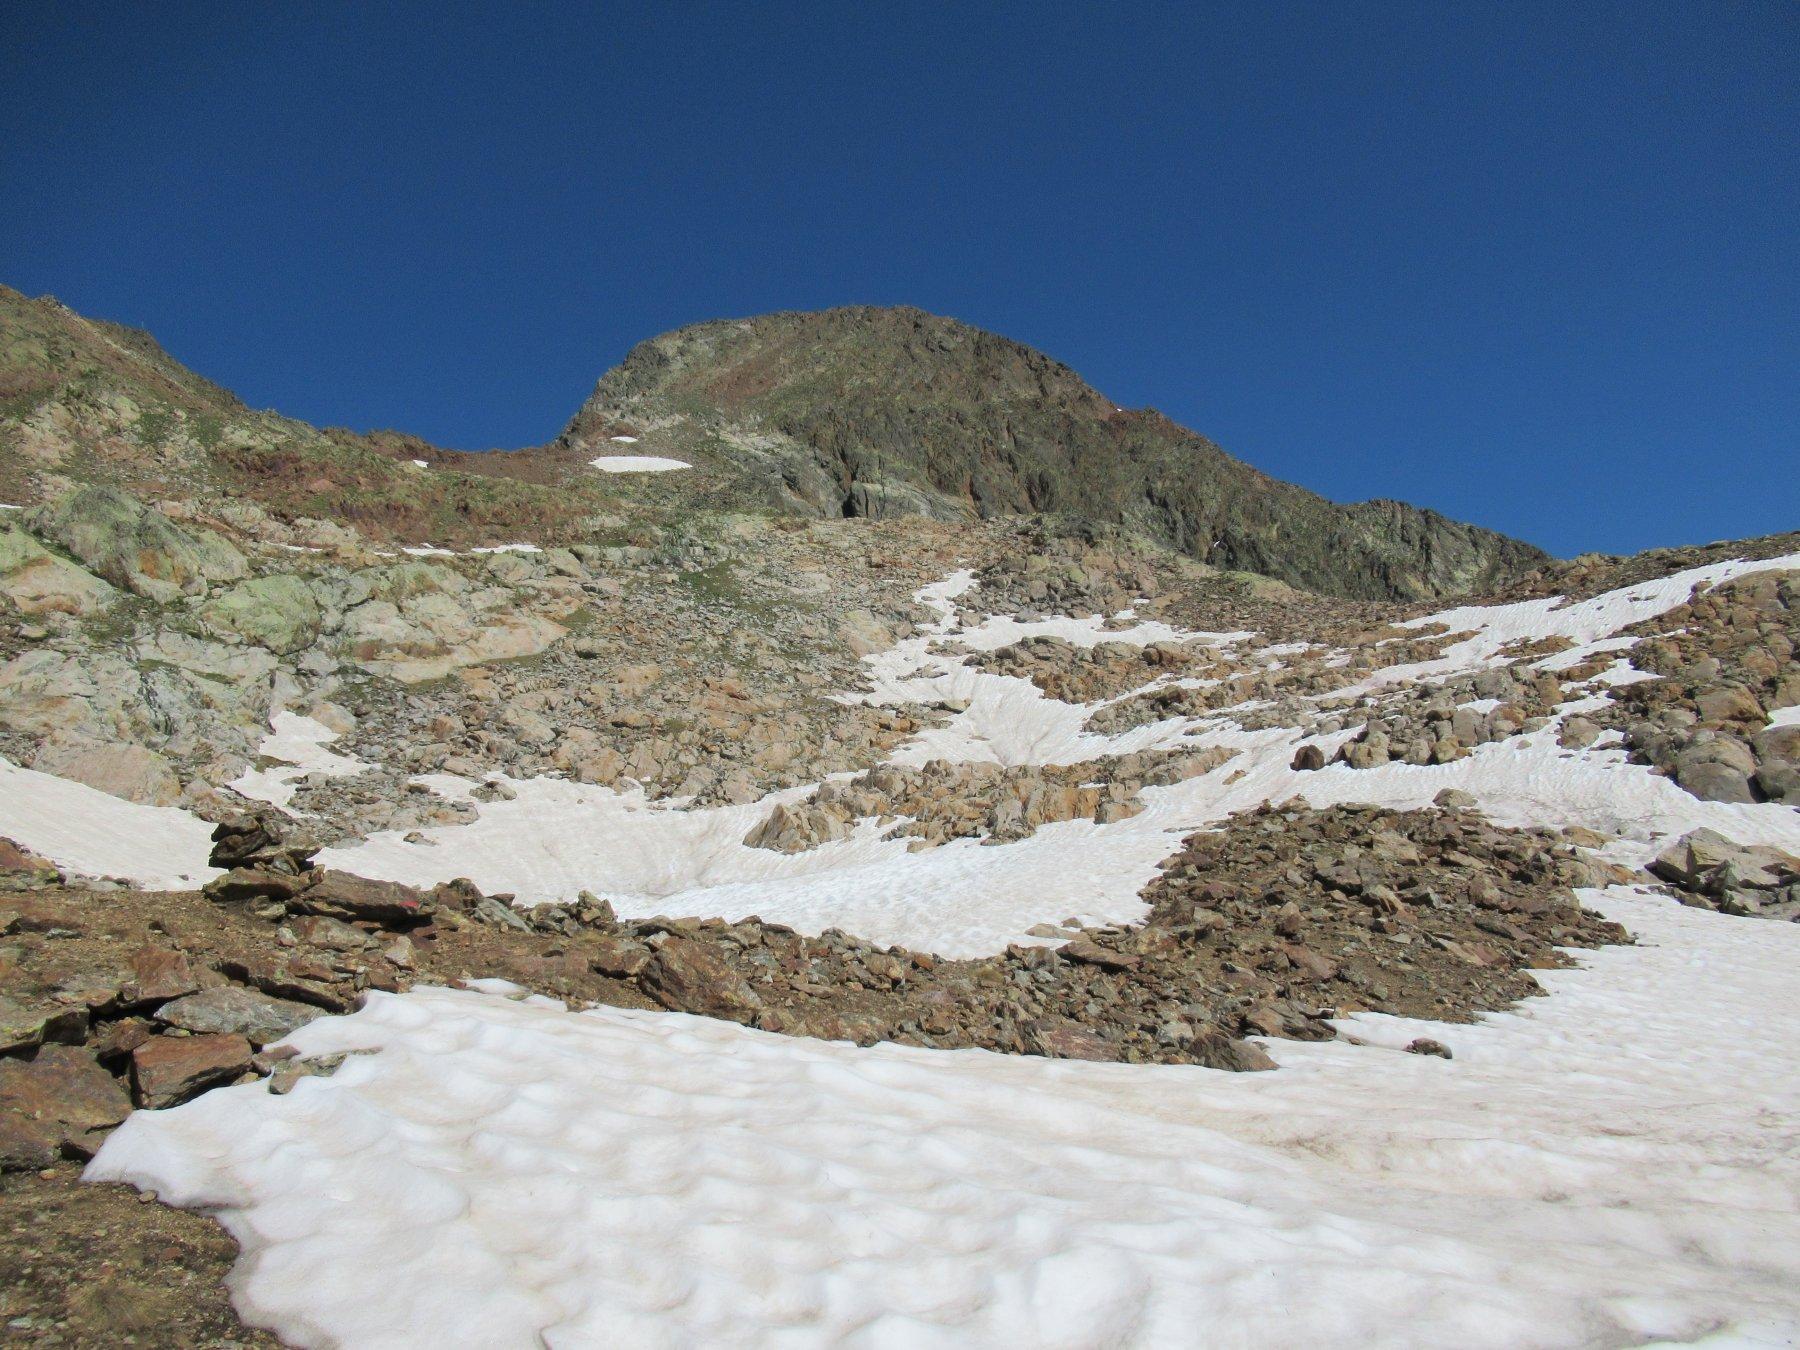 Monte Malinvern dalla parte superiore dell'itinerario.